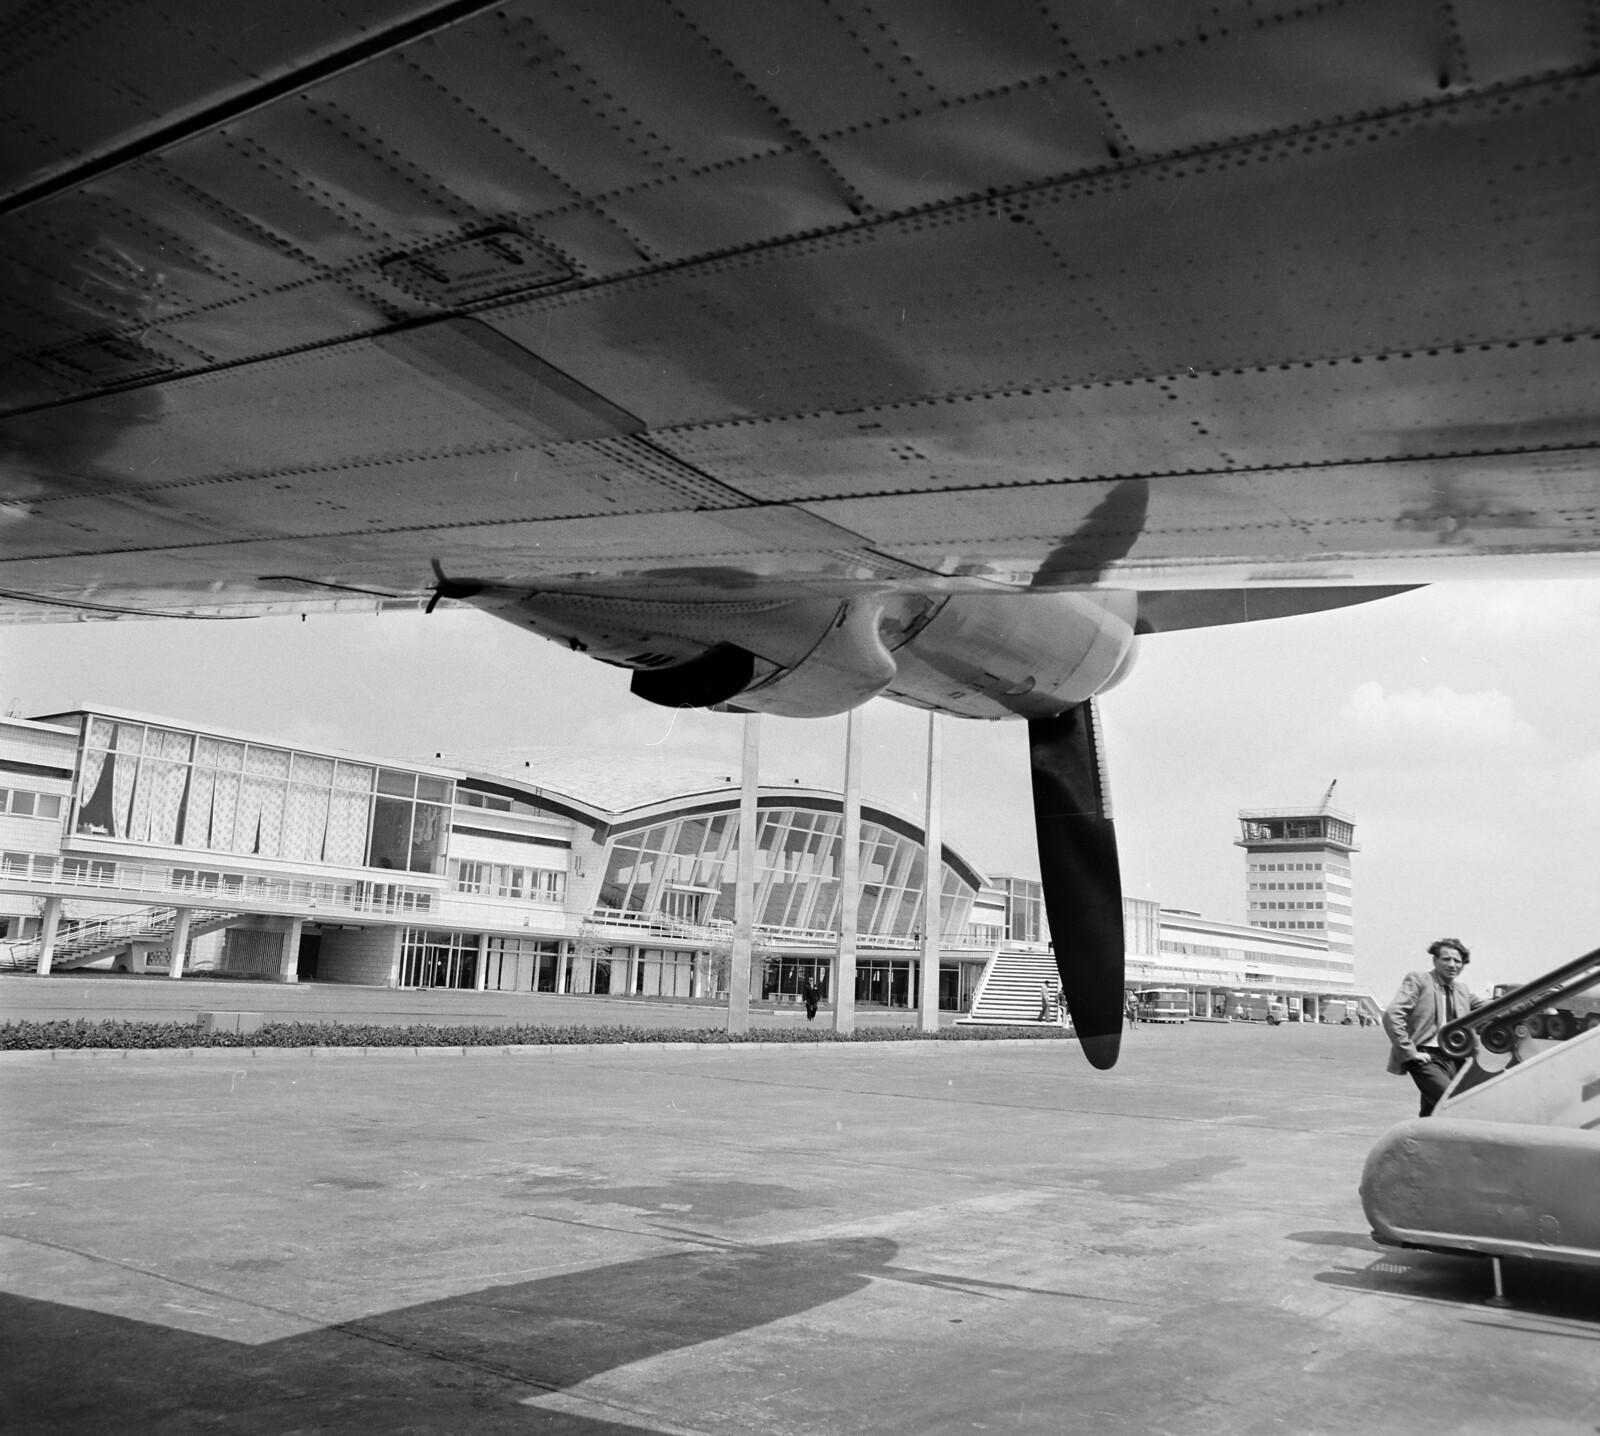 02. Самолет Ил-18 в аэропорту Борисполь